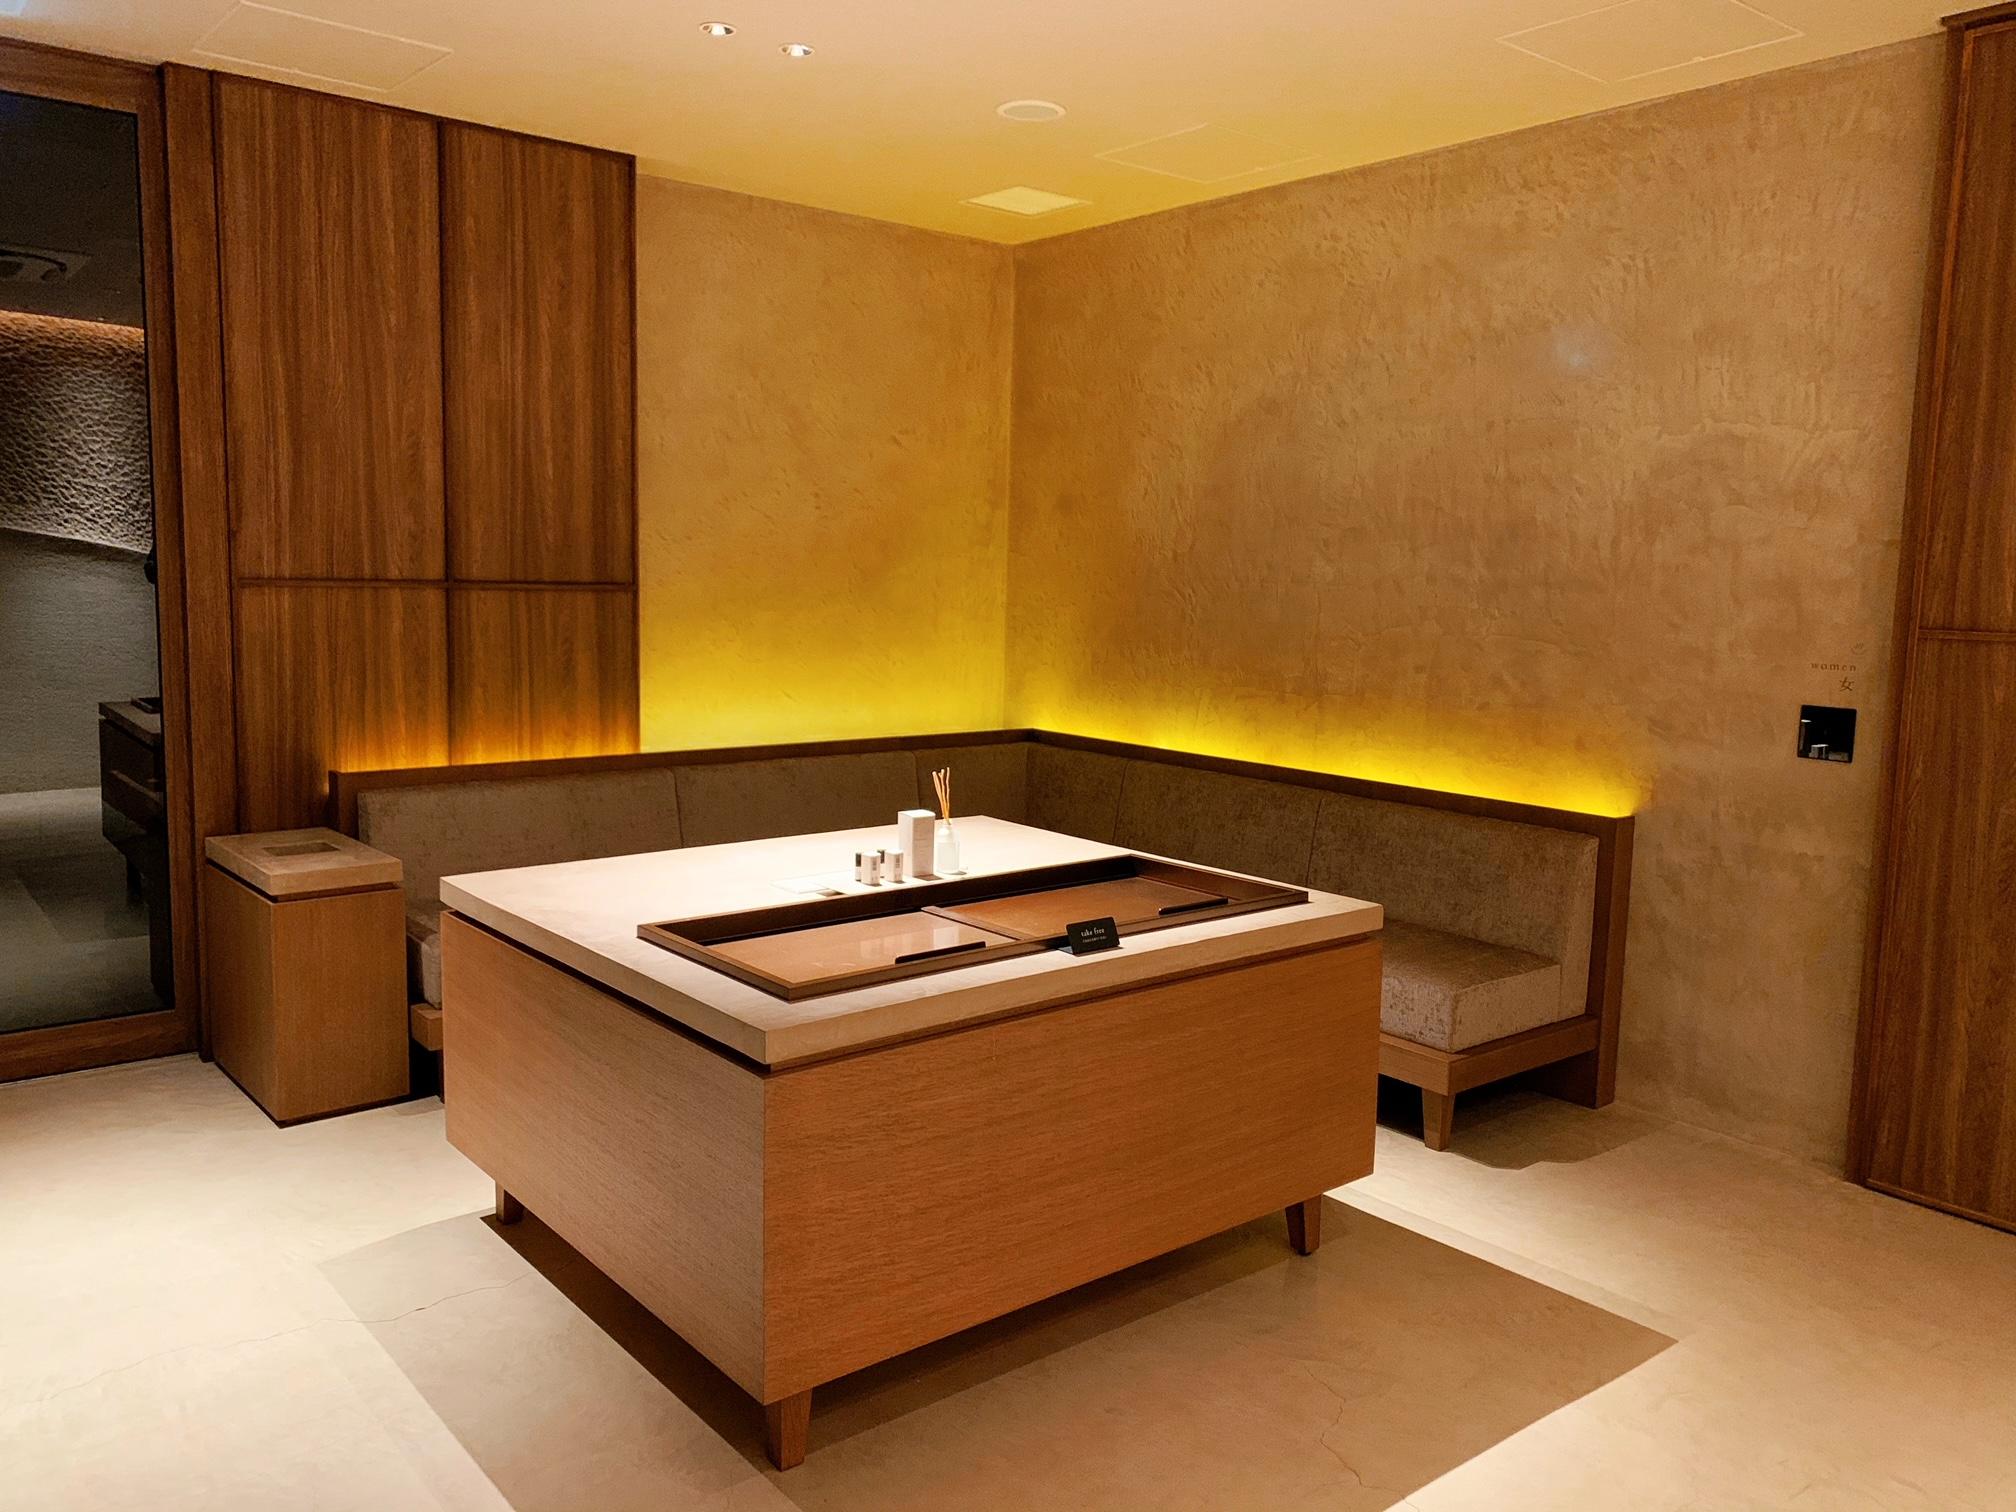 【なかなか予約が取れない!】東京に居ながらにして《箱根の温泉を楽しめる人気スポット》に行ってきた♡_9